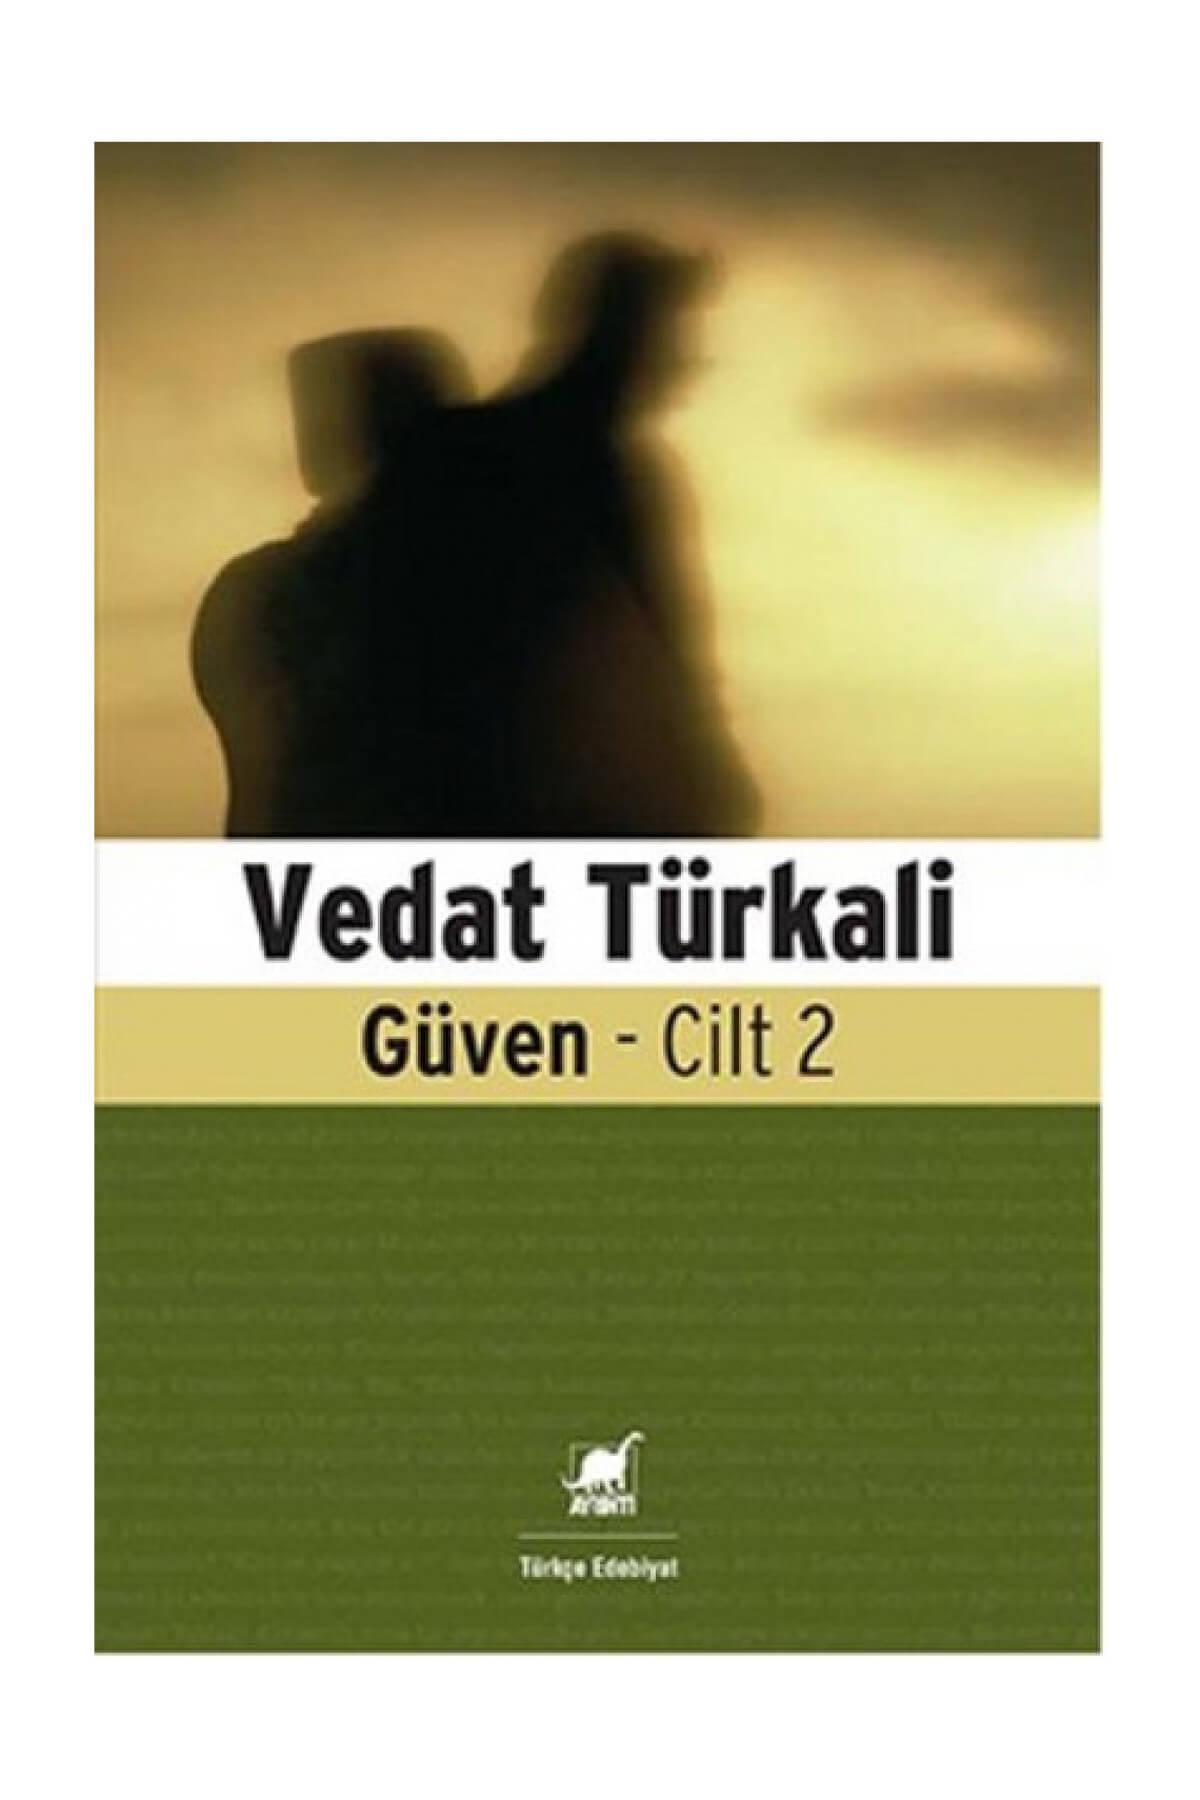 Ayrıntı Yayınları Güven Cilt 2 - Vedat Türkali Fiyatı, Yorumları - Trendyol